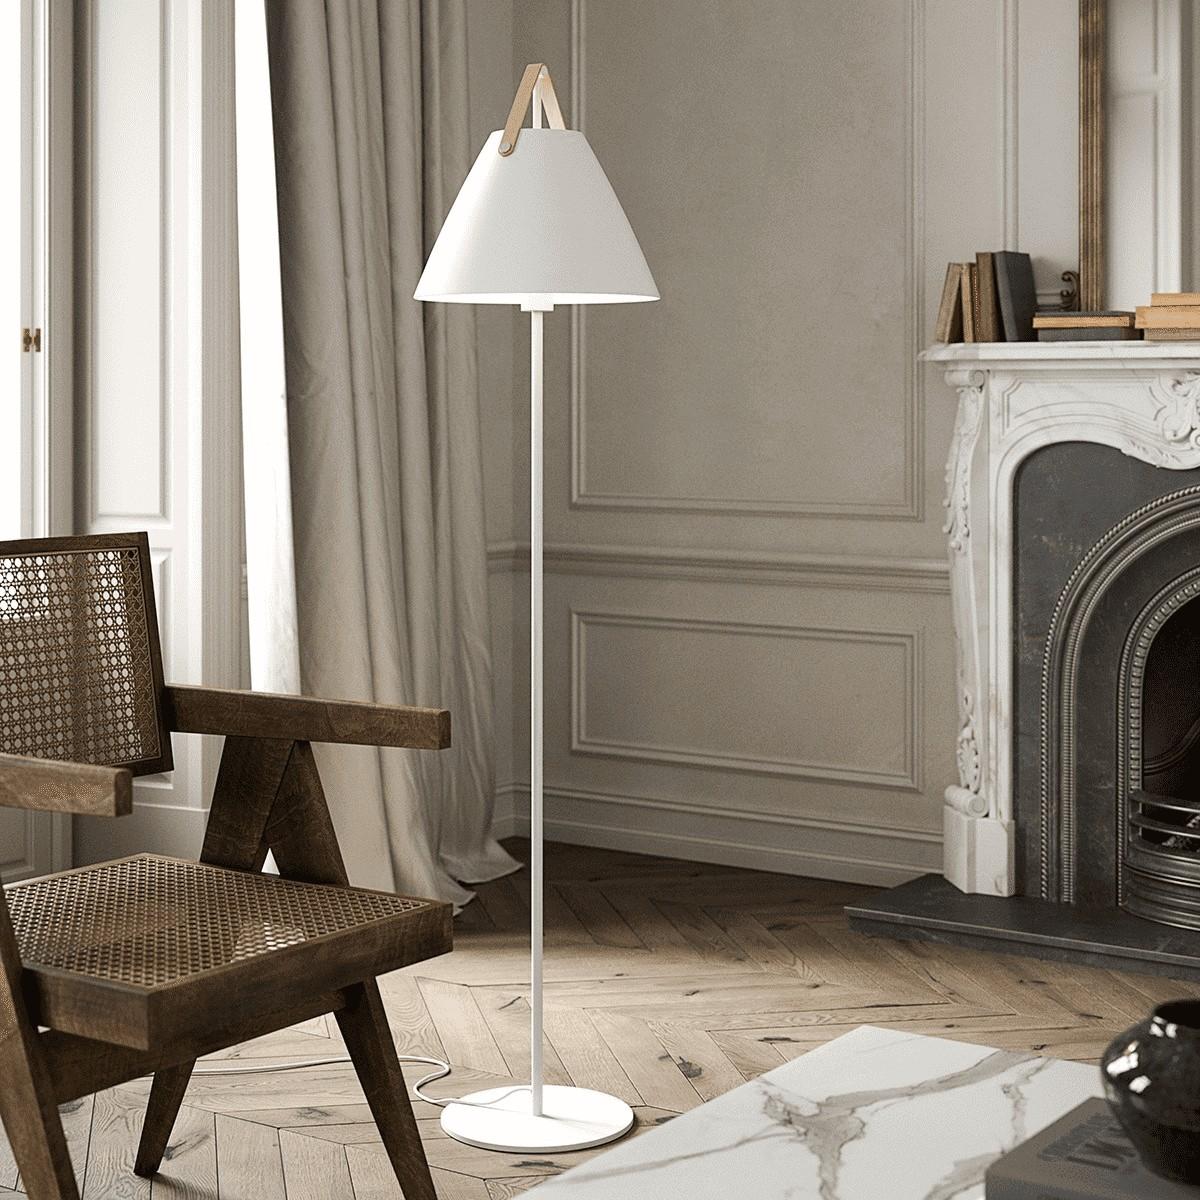 Lampadaire métal blanc et cuir H153cm